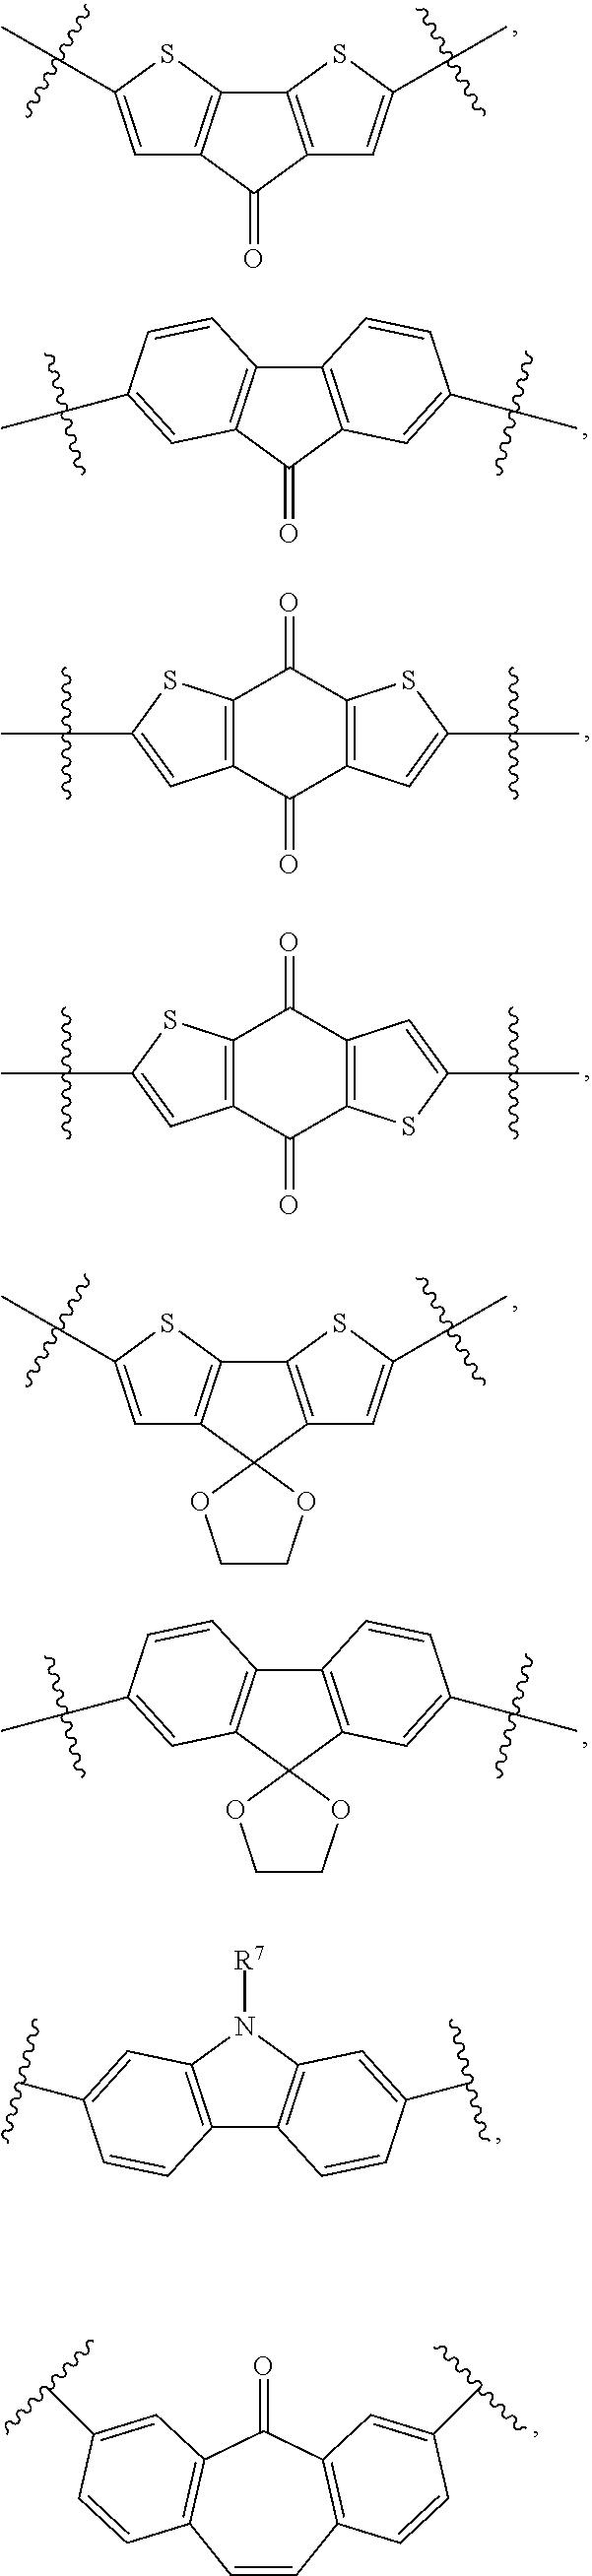 Figure US08329855-20121211-C00044